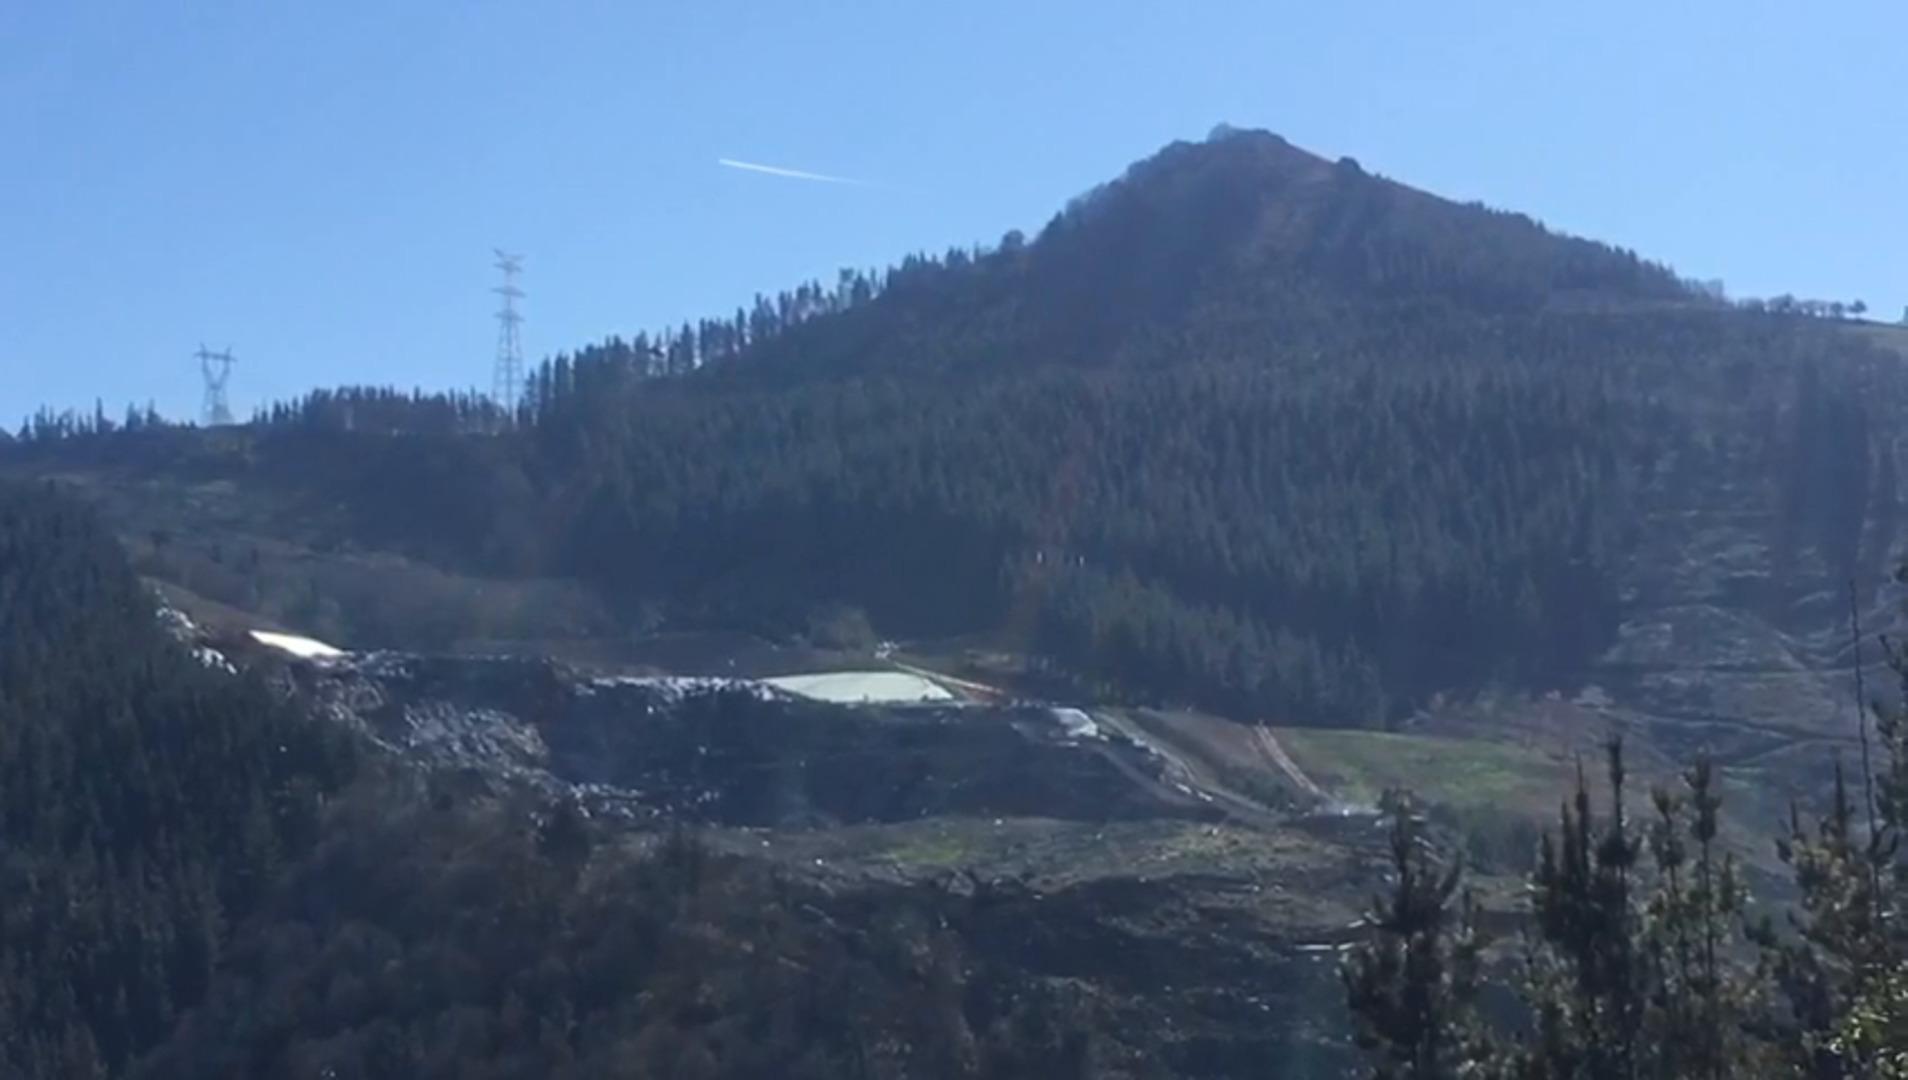 Un helicóptero arroja una espuma especial sobre el vertedero de Zaldibar